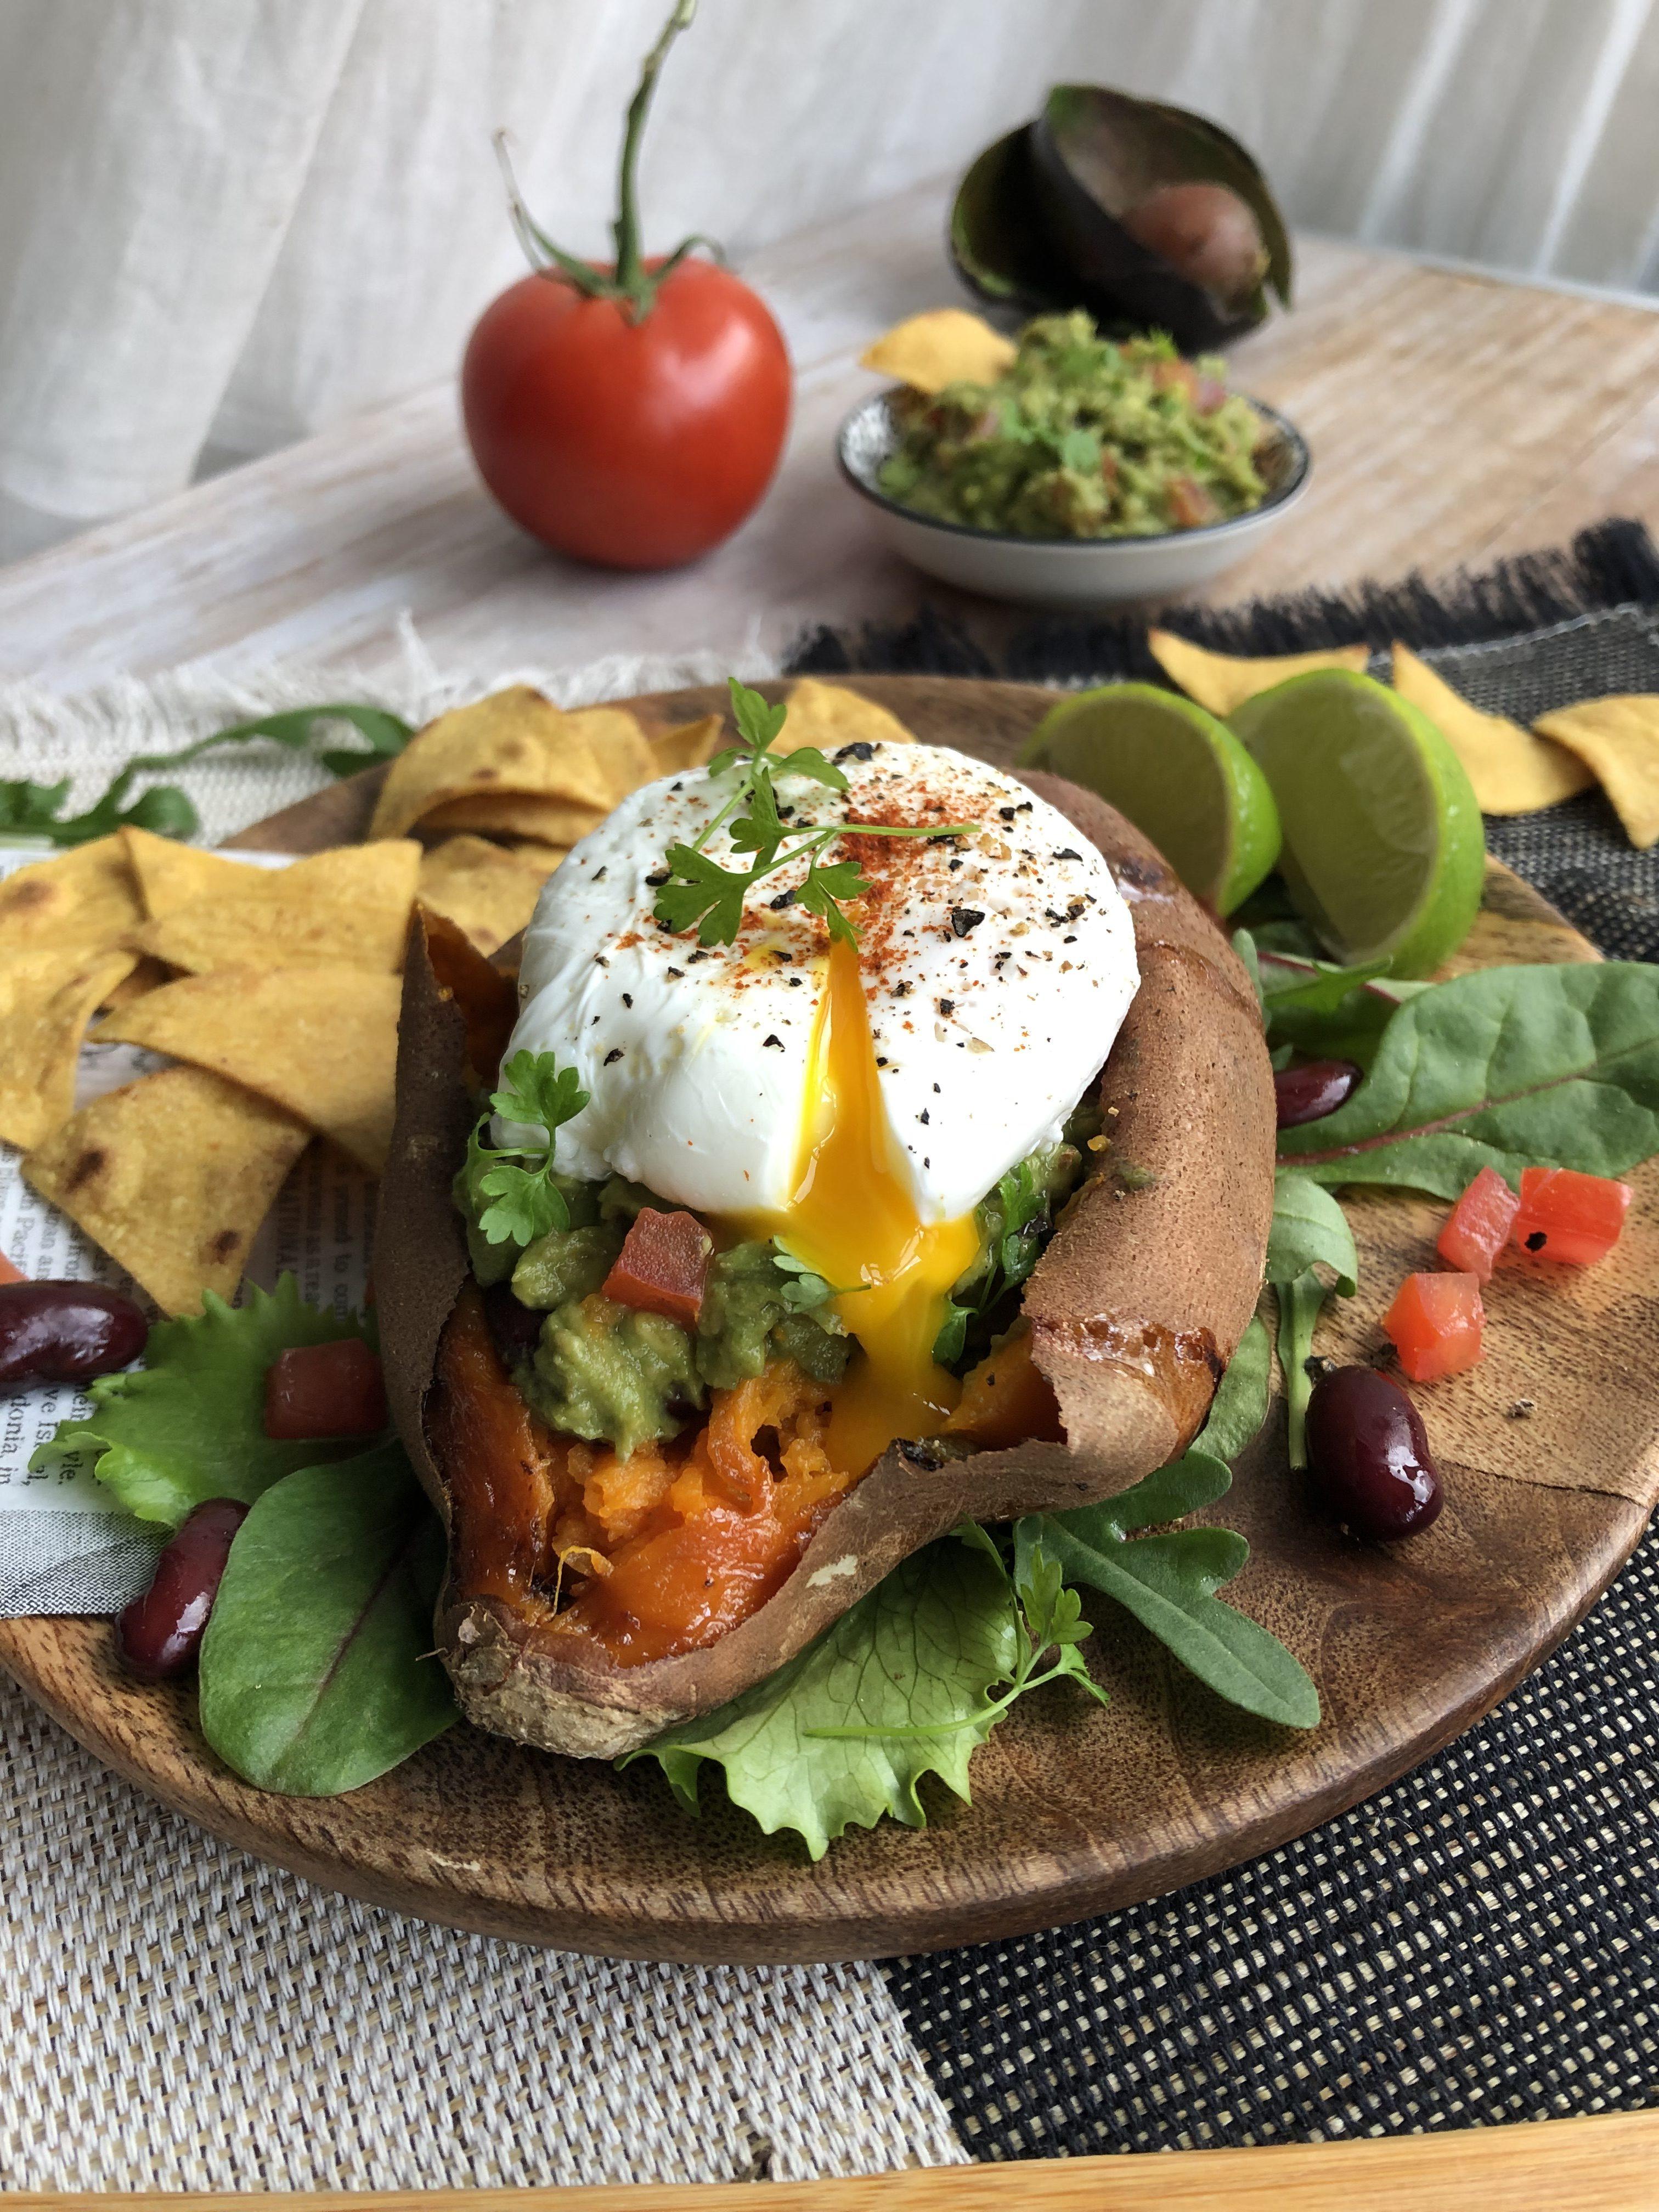 Patate douce rôtie, farcie au guacamole et oeuf poché [brunch]